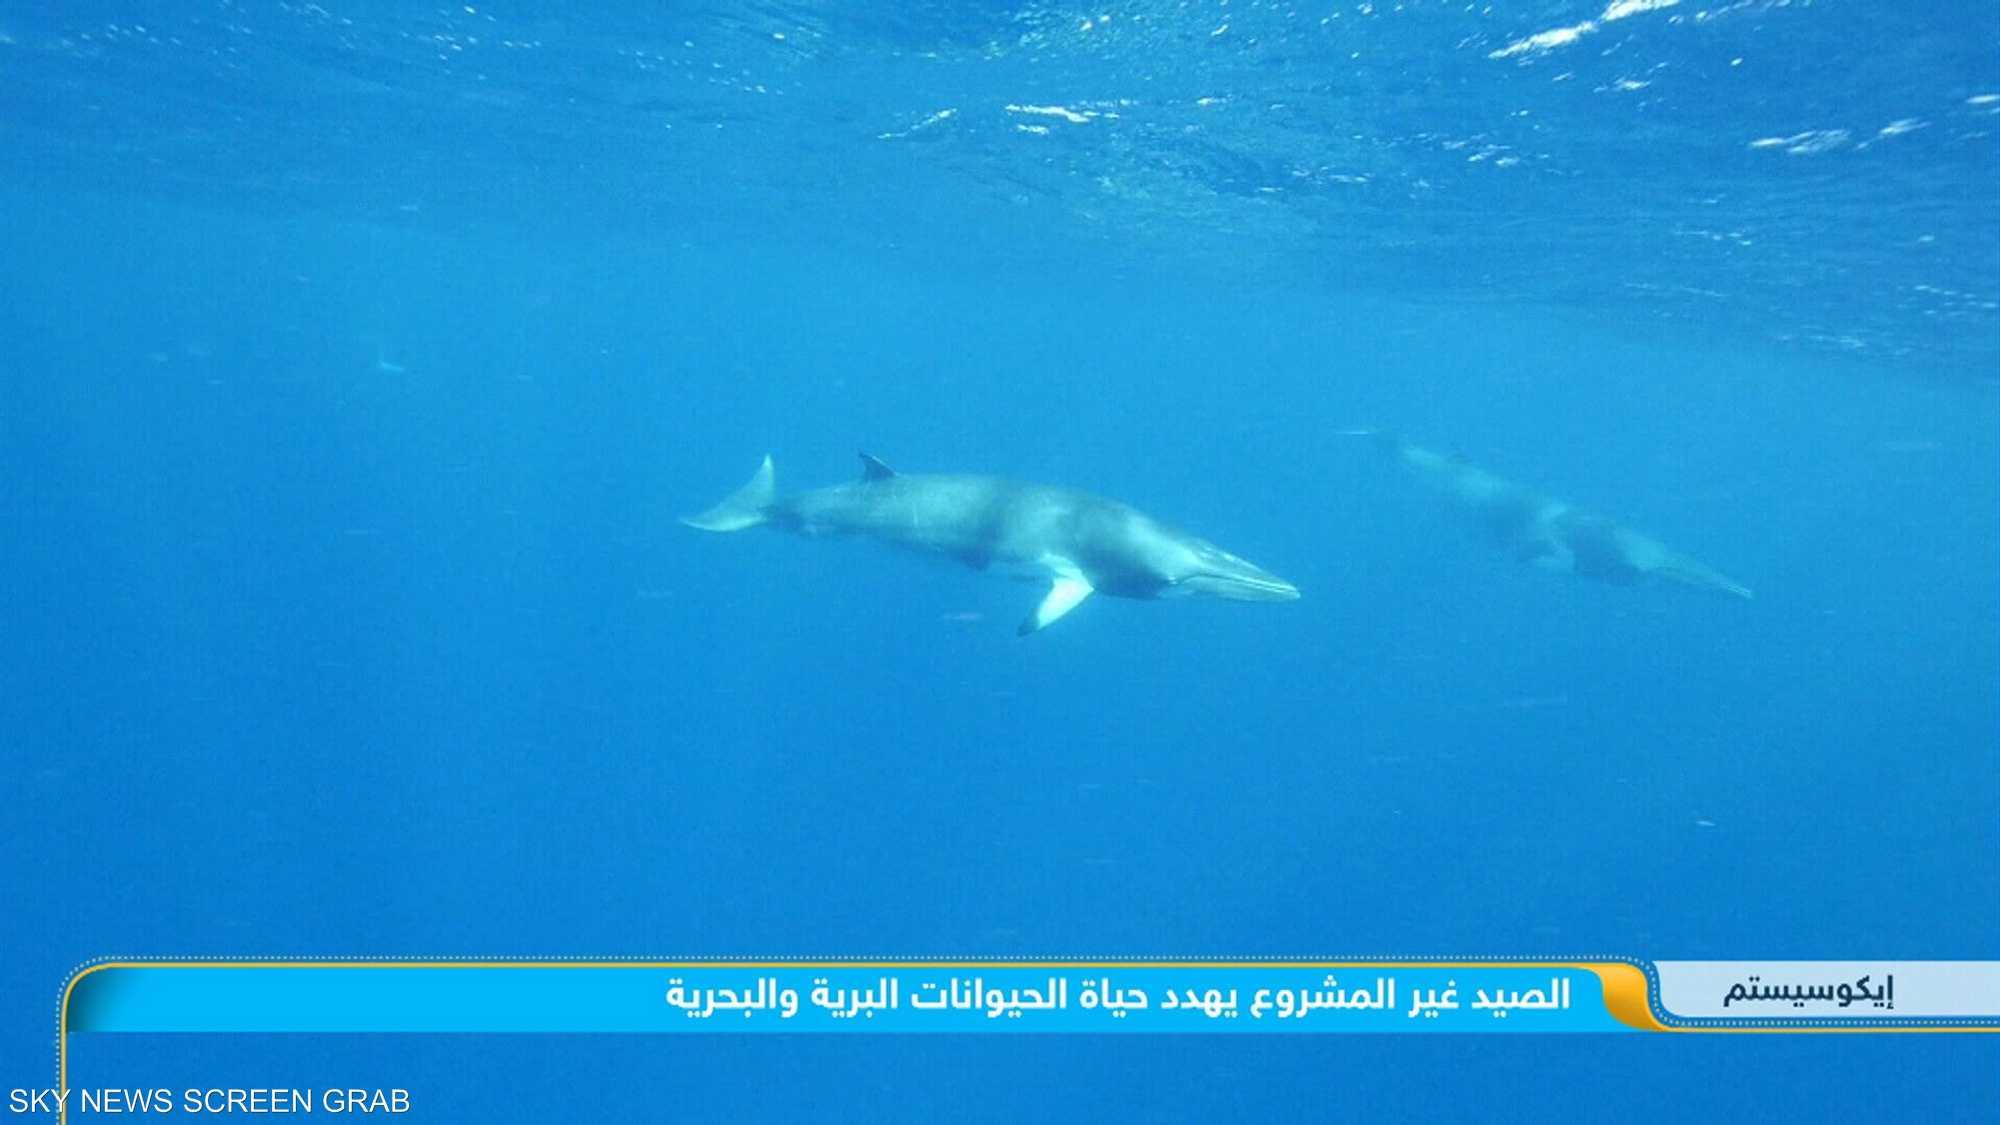 الصيد غير المشروع يهدد حياة الحيوانات البرية والبحرية